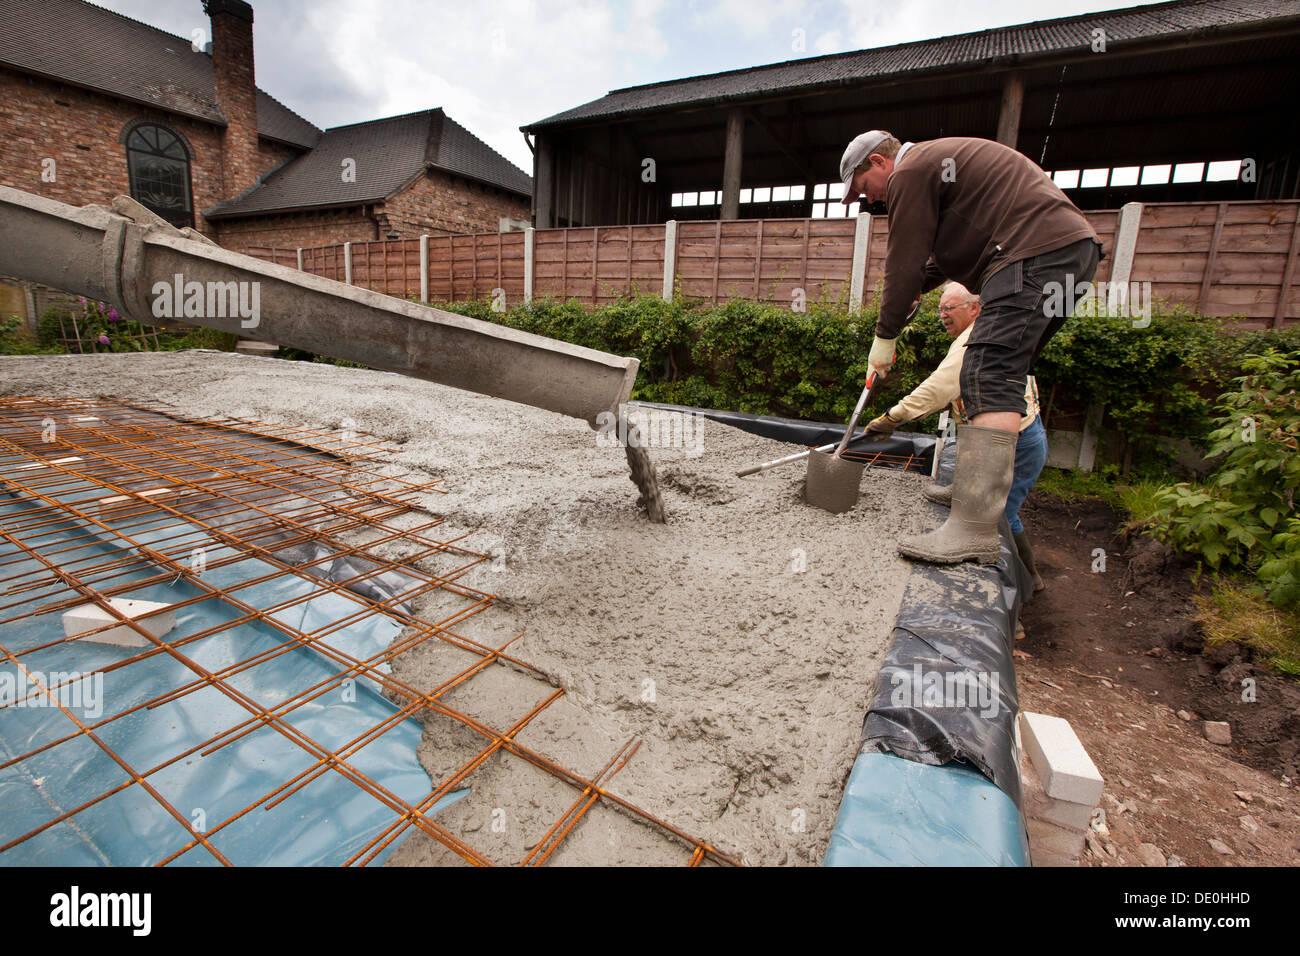 Selbst Hausbau Verstarkt Giessen Readymixed Konkrete Stahlnetz